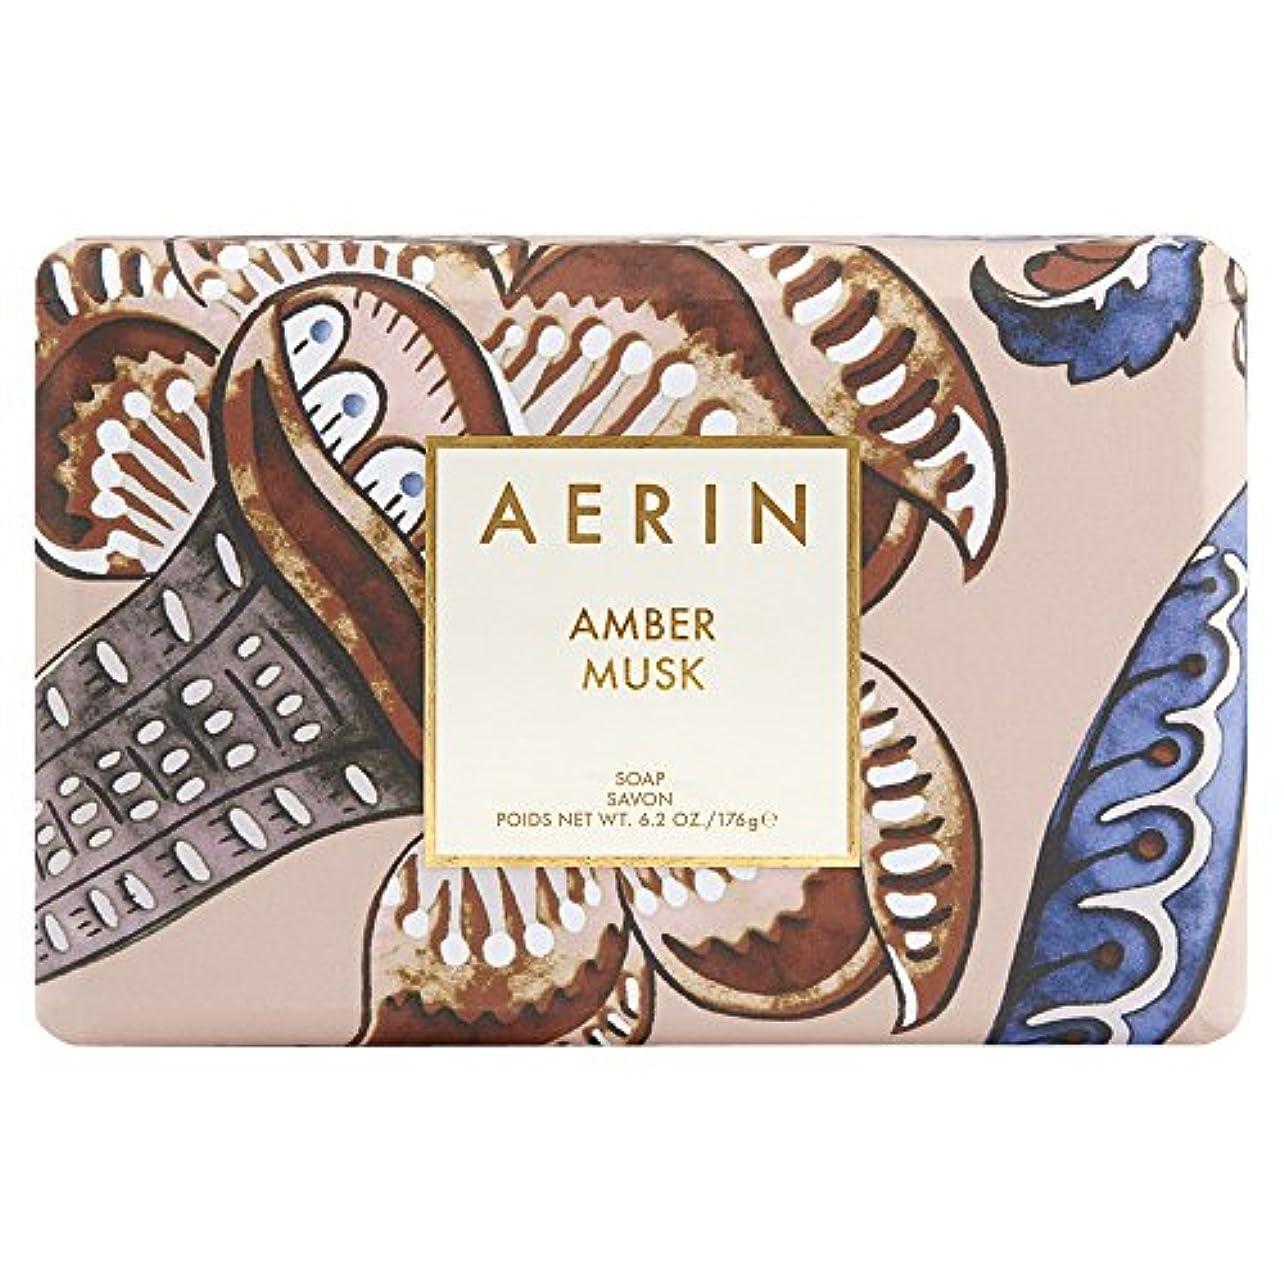 独立した運動ギネスAerinアンバームスクソープ176グラム (AERIN) - AERIN Amber Musk Soap 176g [並行輸入品]